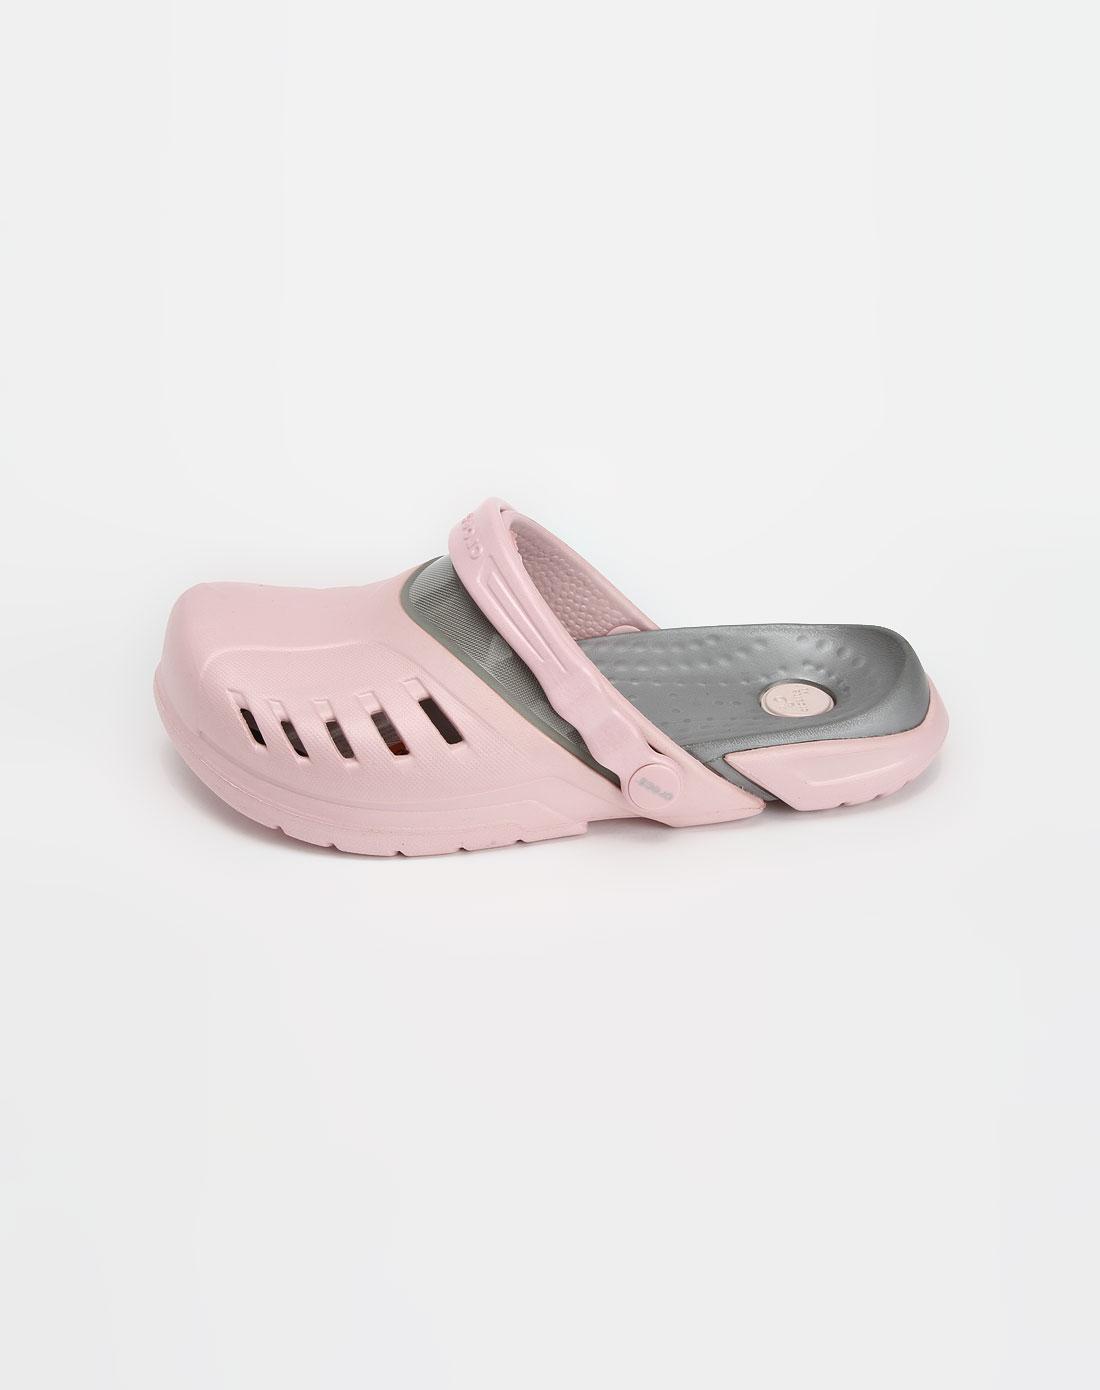 卡骆驰crocs男女粉色时尚休闲凉鞋10384-66f